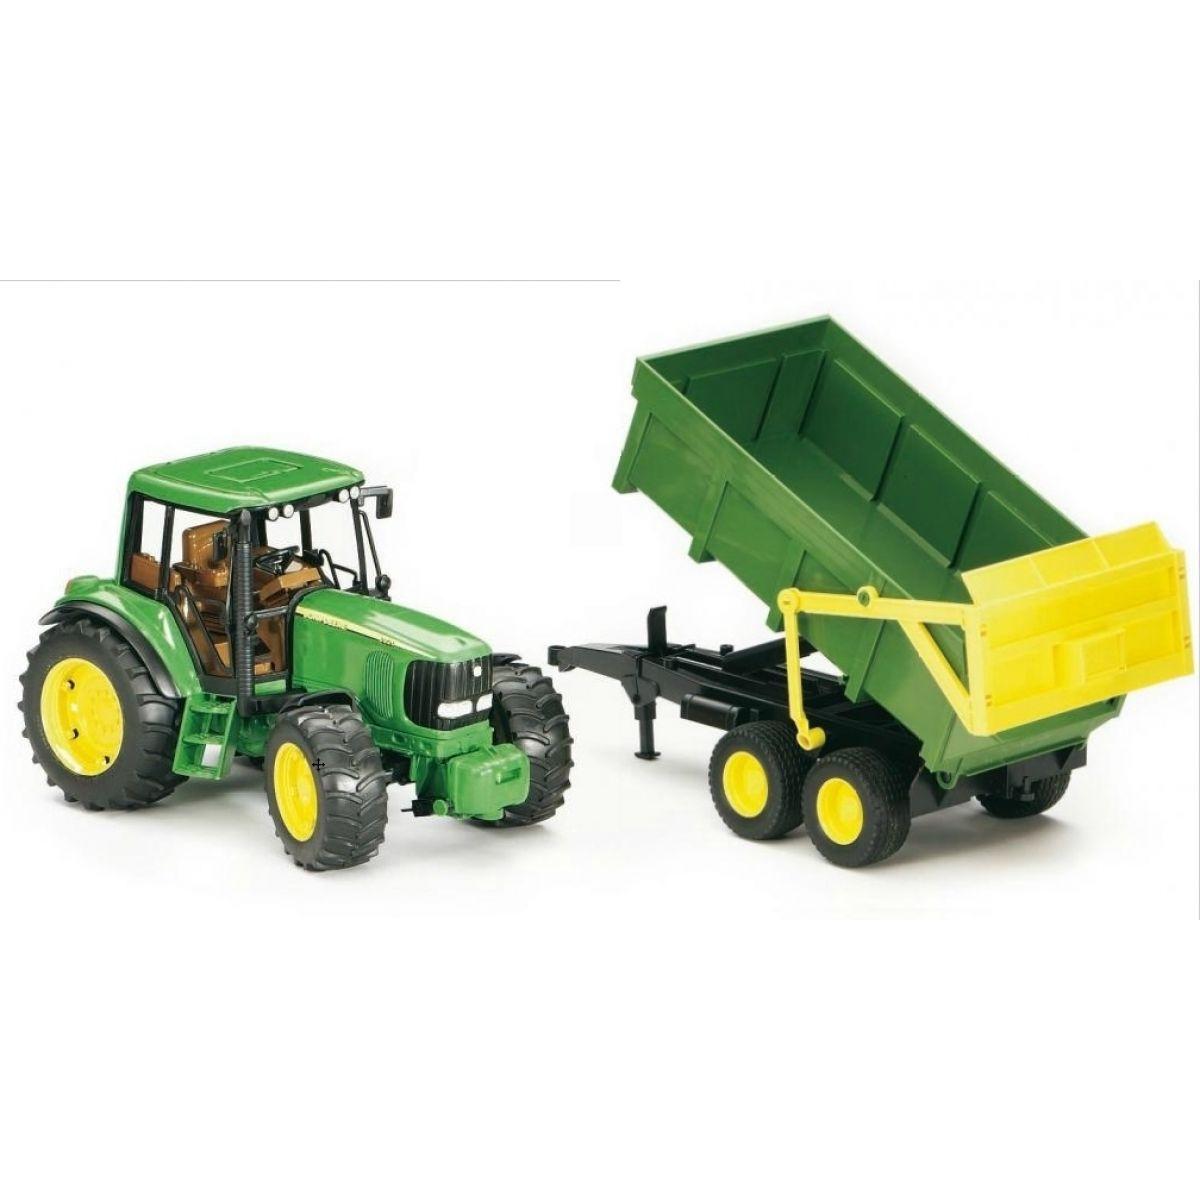 Bruder 02058 Traktor John Deere 6920 + sklápěcí valník